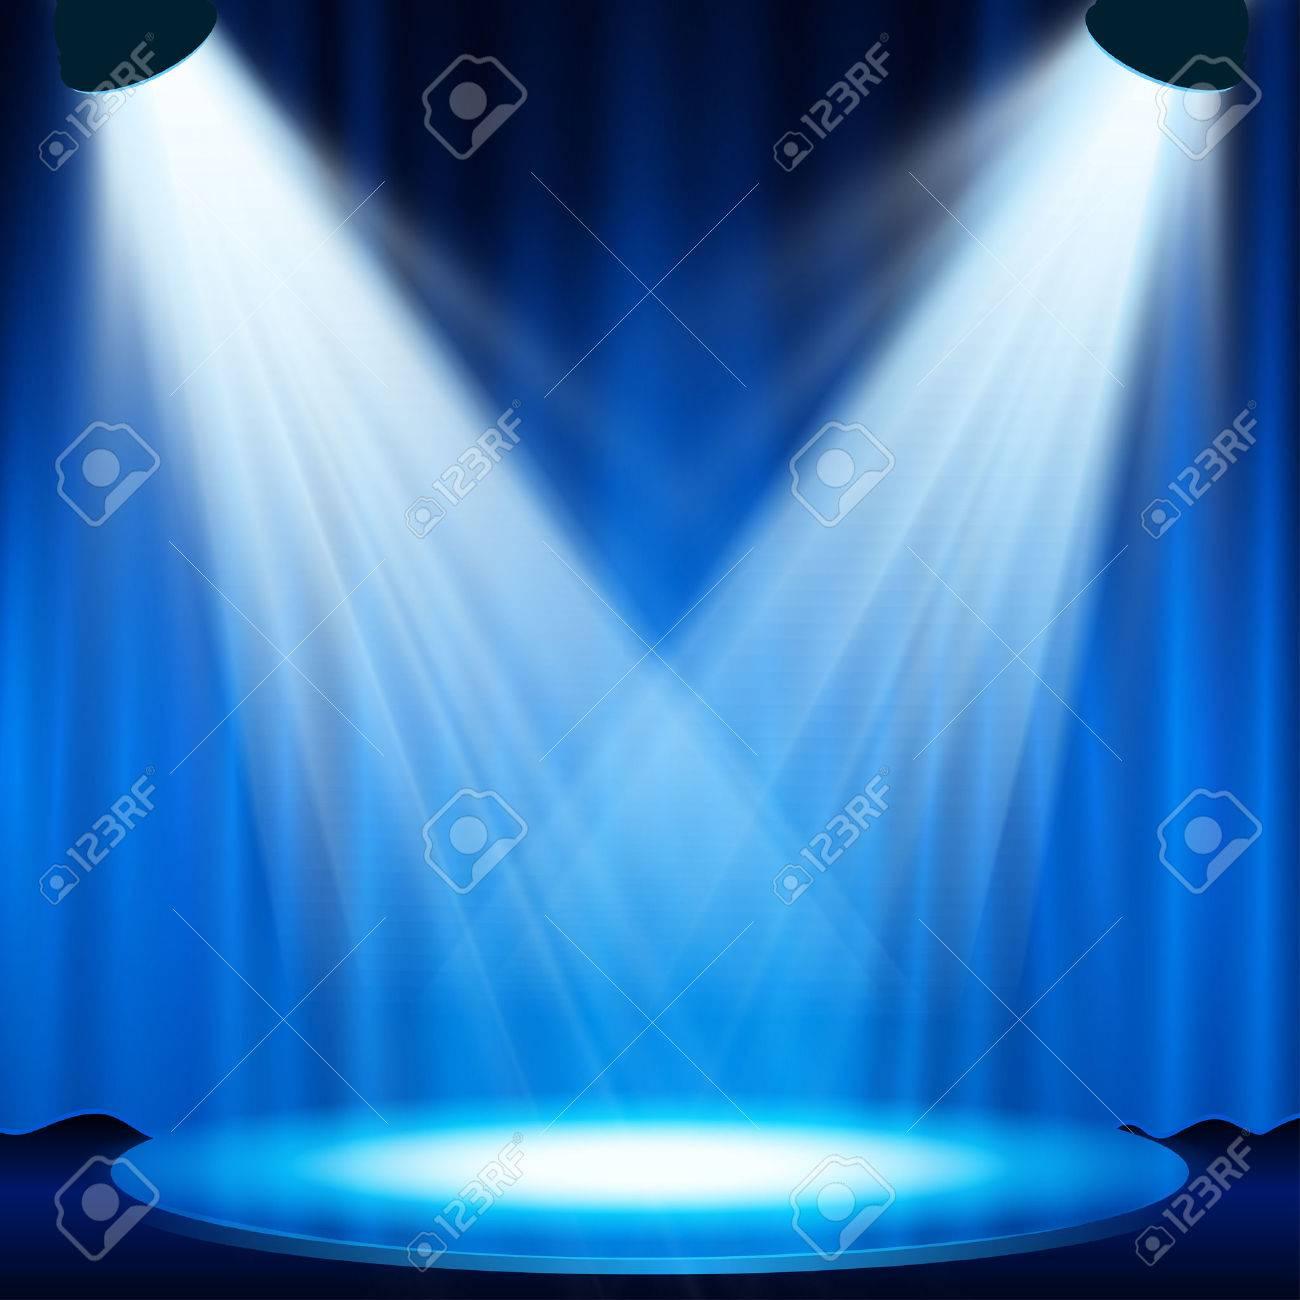 spotlight effect scene background - 29899872